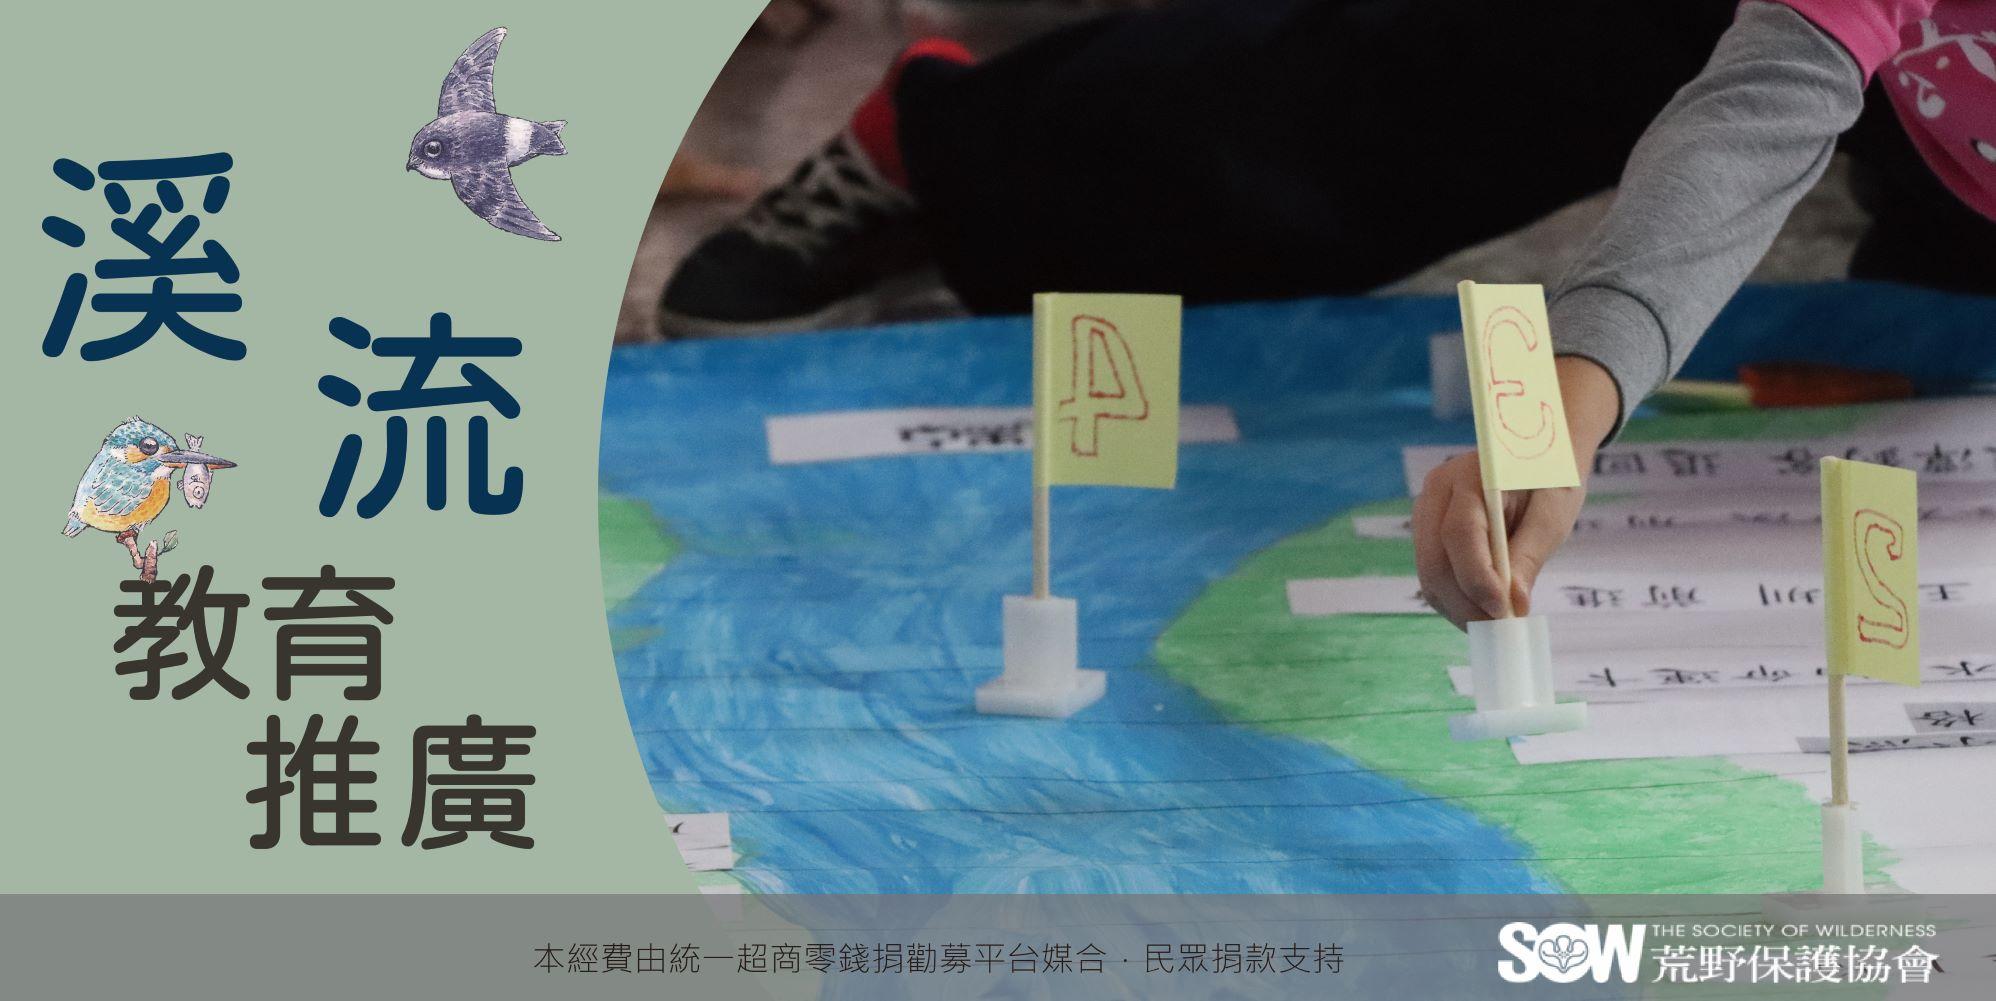 https://www.sow.org.tw/sites/sow/files/u12255/quan_guo_xi_liu_jiao_yu_tui_guang_zhu_shi_jue_2021.03.15suo_dang_.jpg